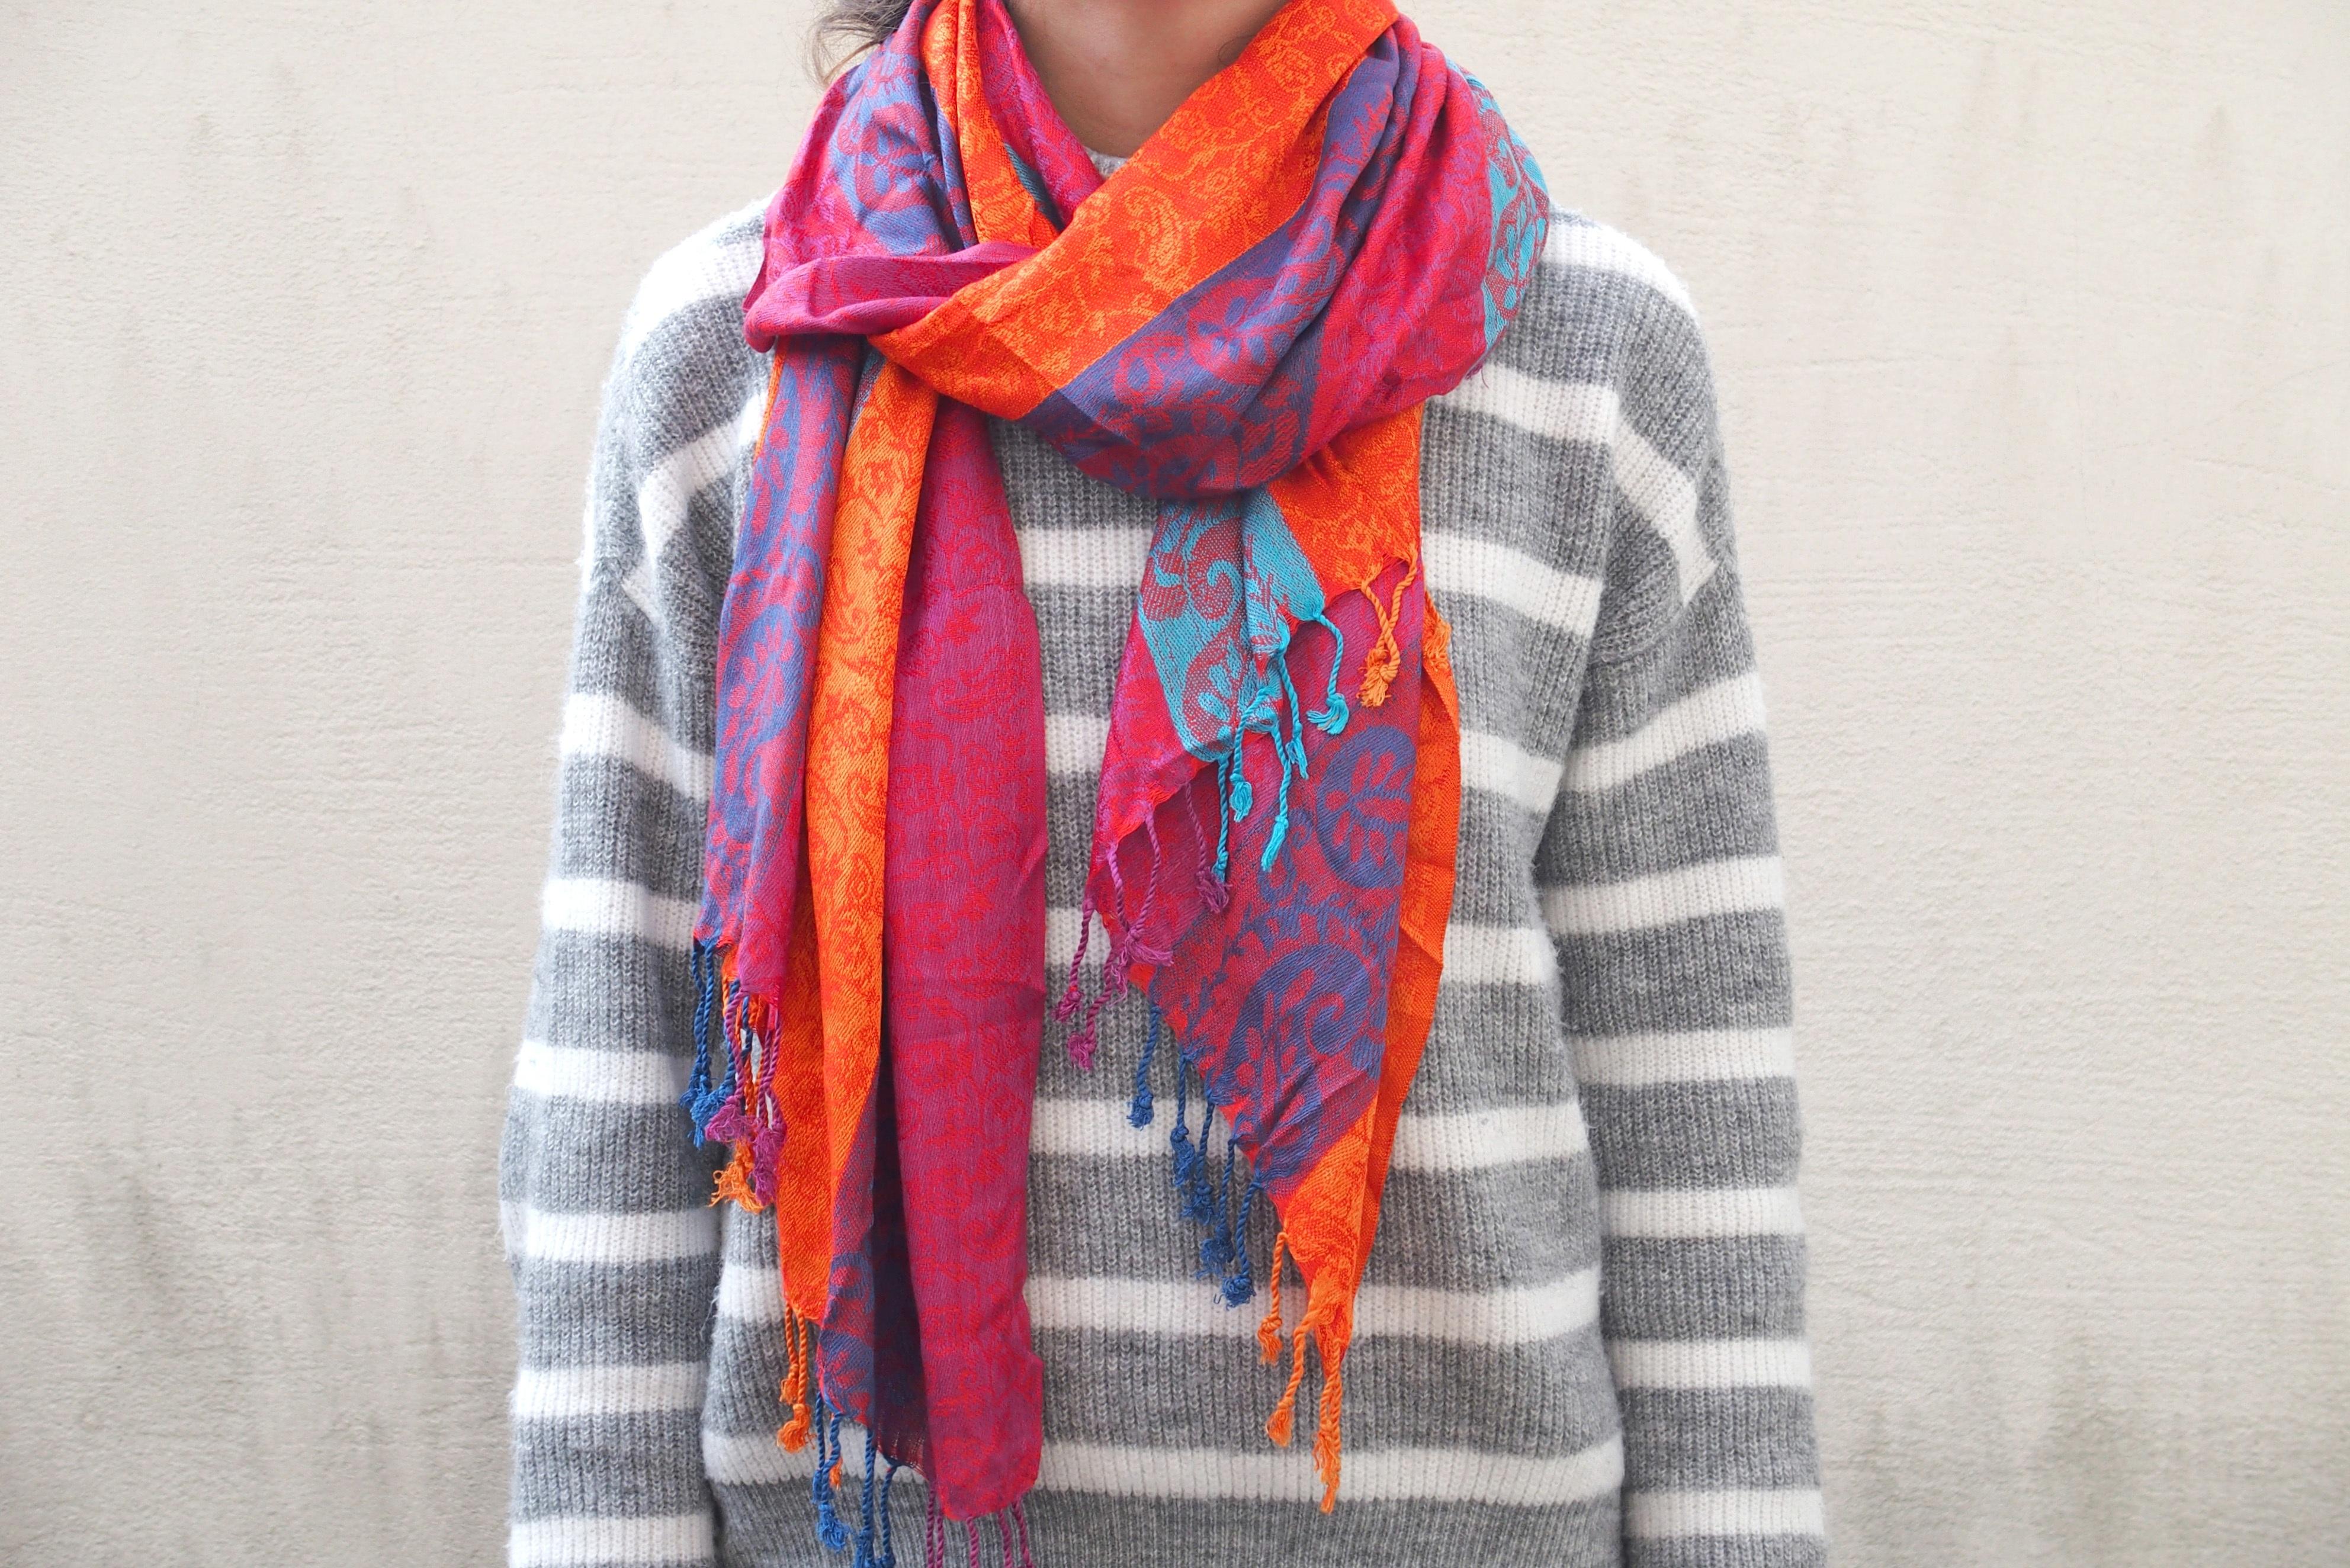 Fotos gratis : patrón, ropa, vistoso, lana, bufanda, textil, colores ...